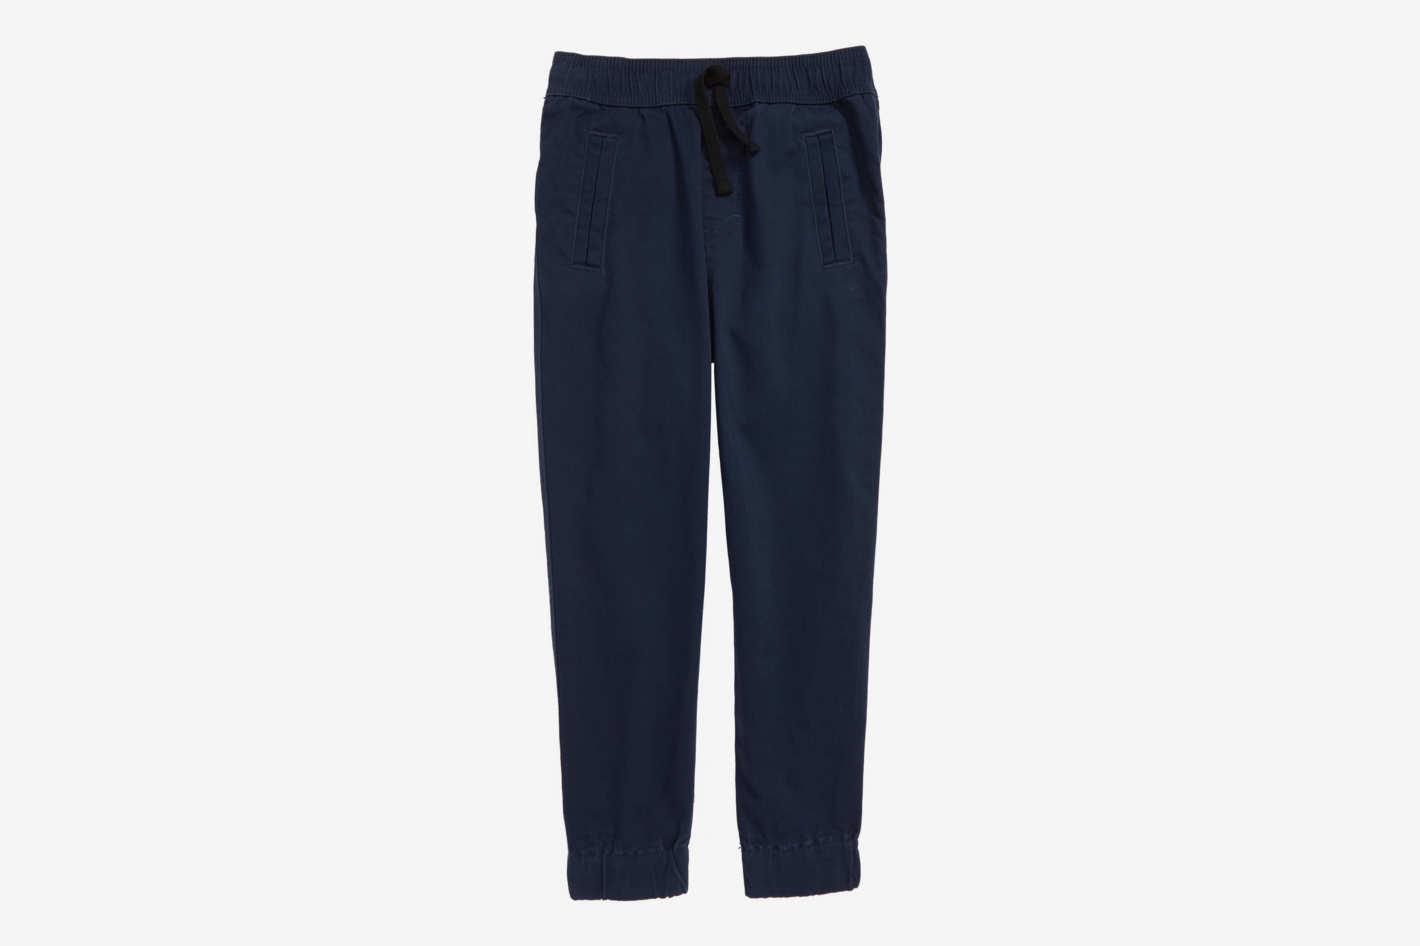 Tucker + Tate Woven Boy's Jogger Pants